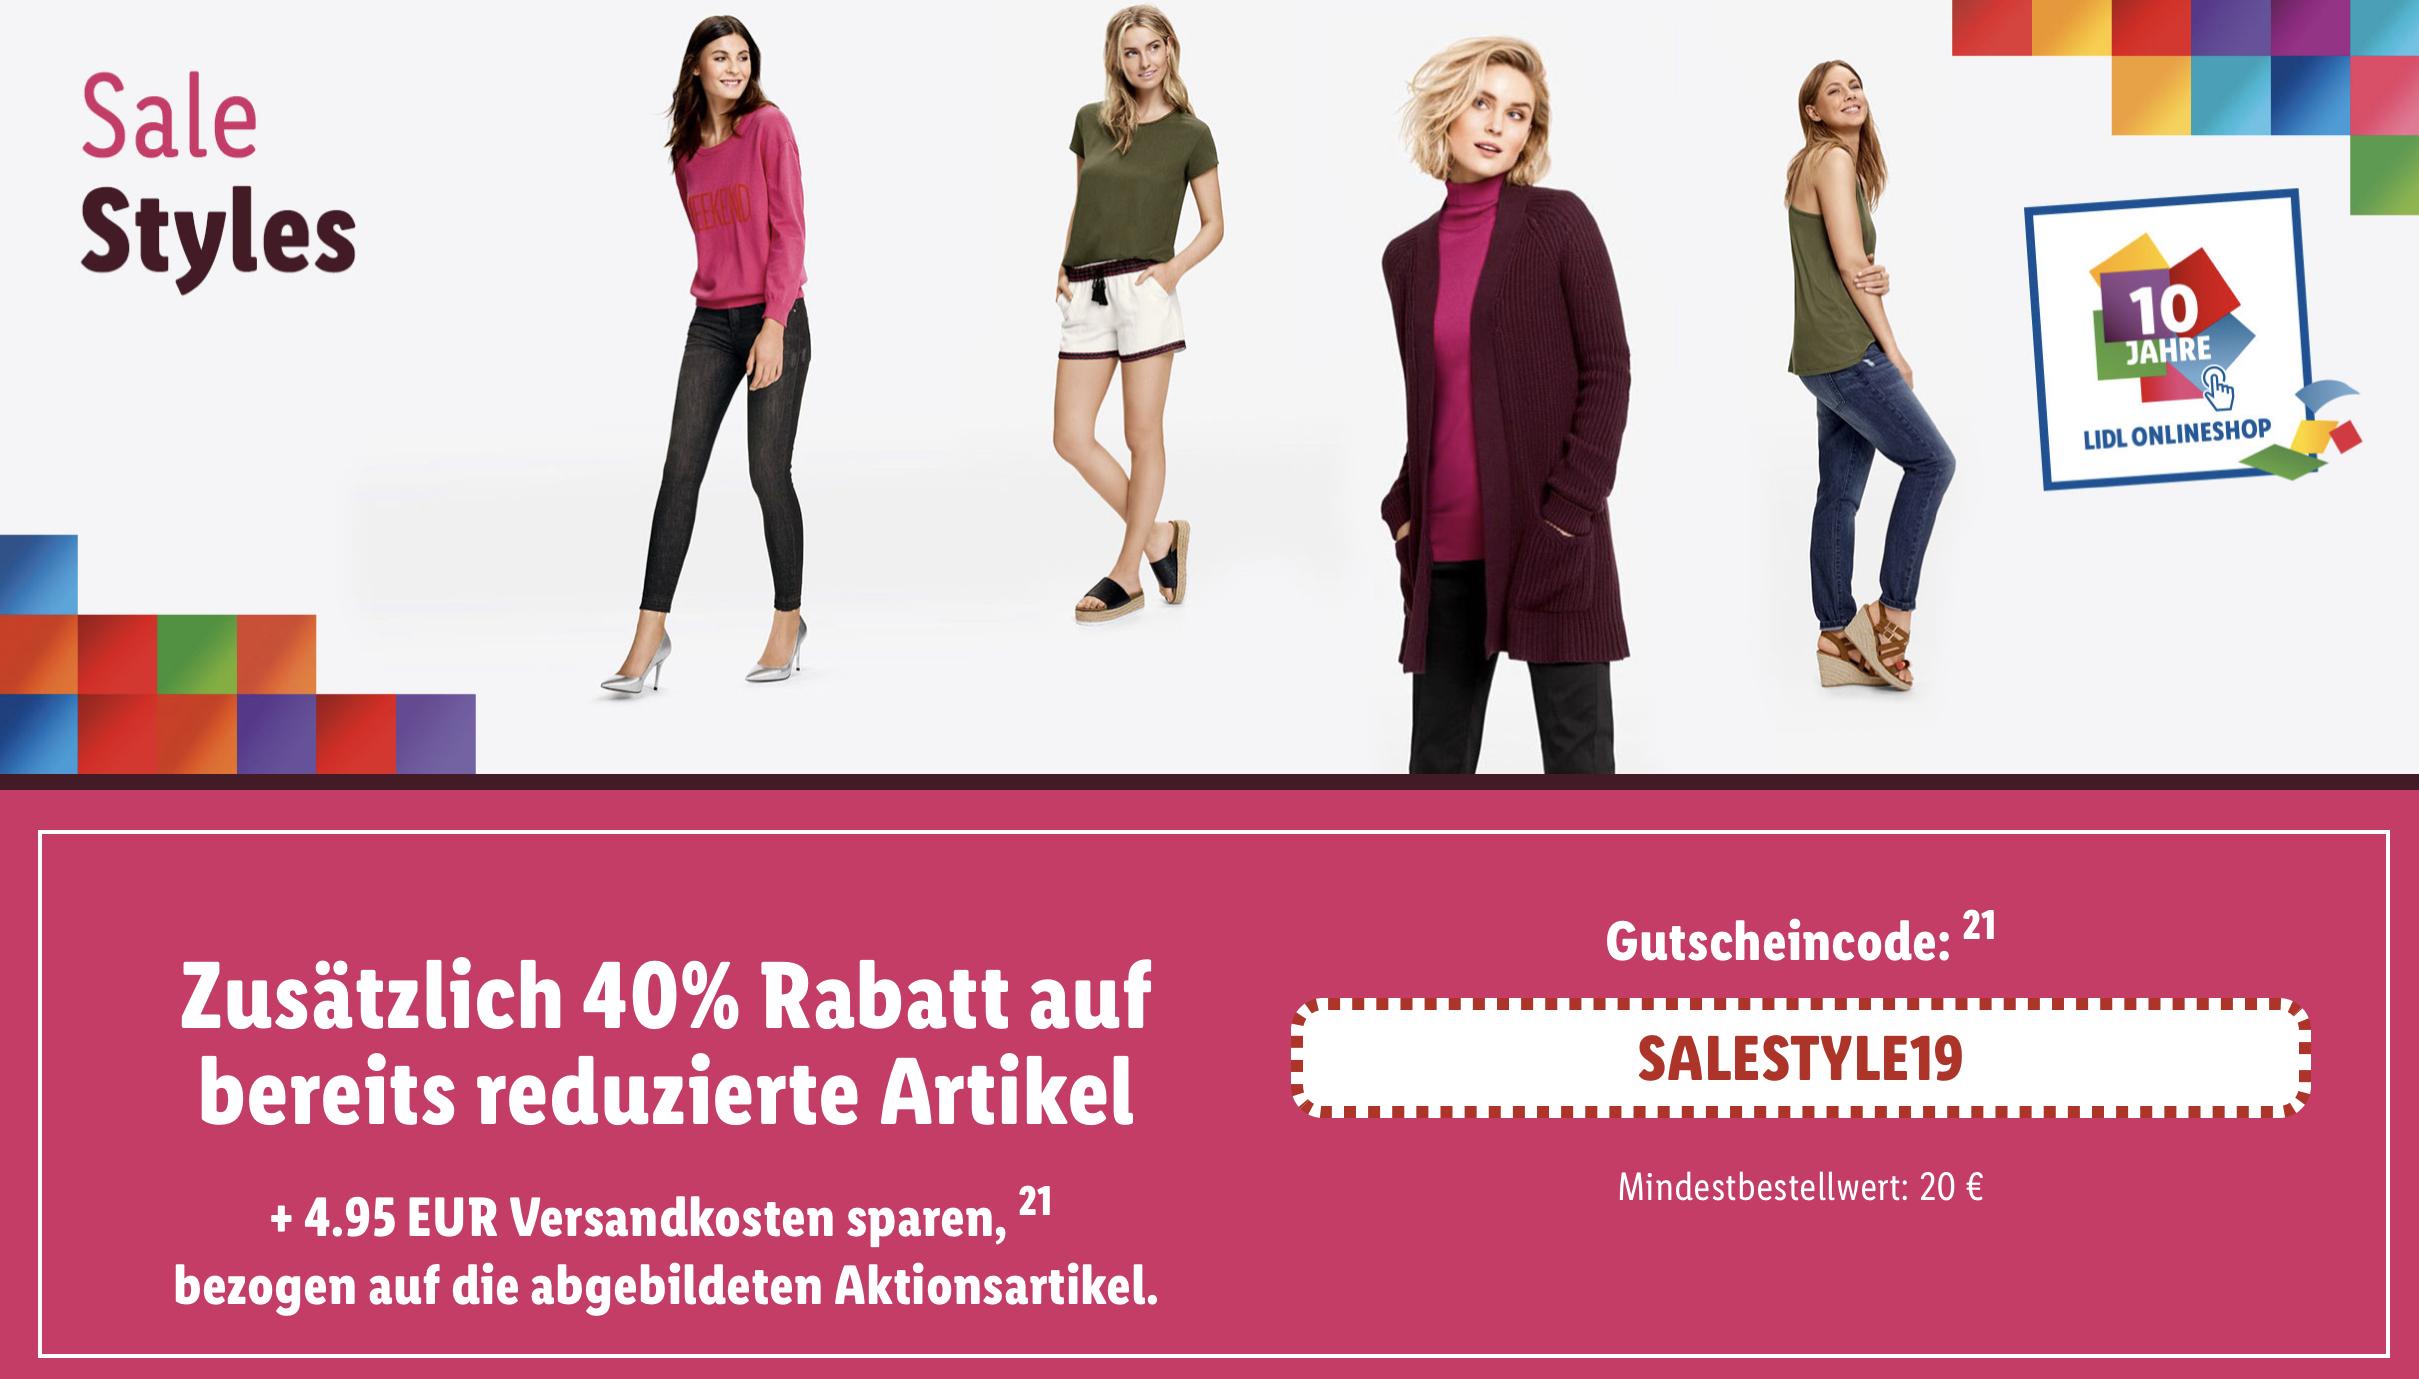 Kleiner Lidl Sale 40% Rabatt + versandkostenfrei ab 20€ - z.B. 4 Damenjeans für zusammen 14,36€ oder Lederjacke 17,99€ inkl. Versandkosten!